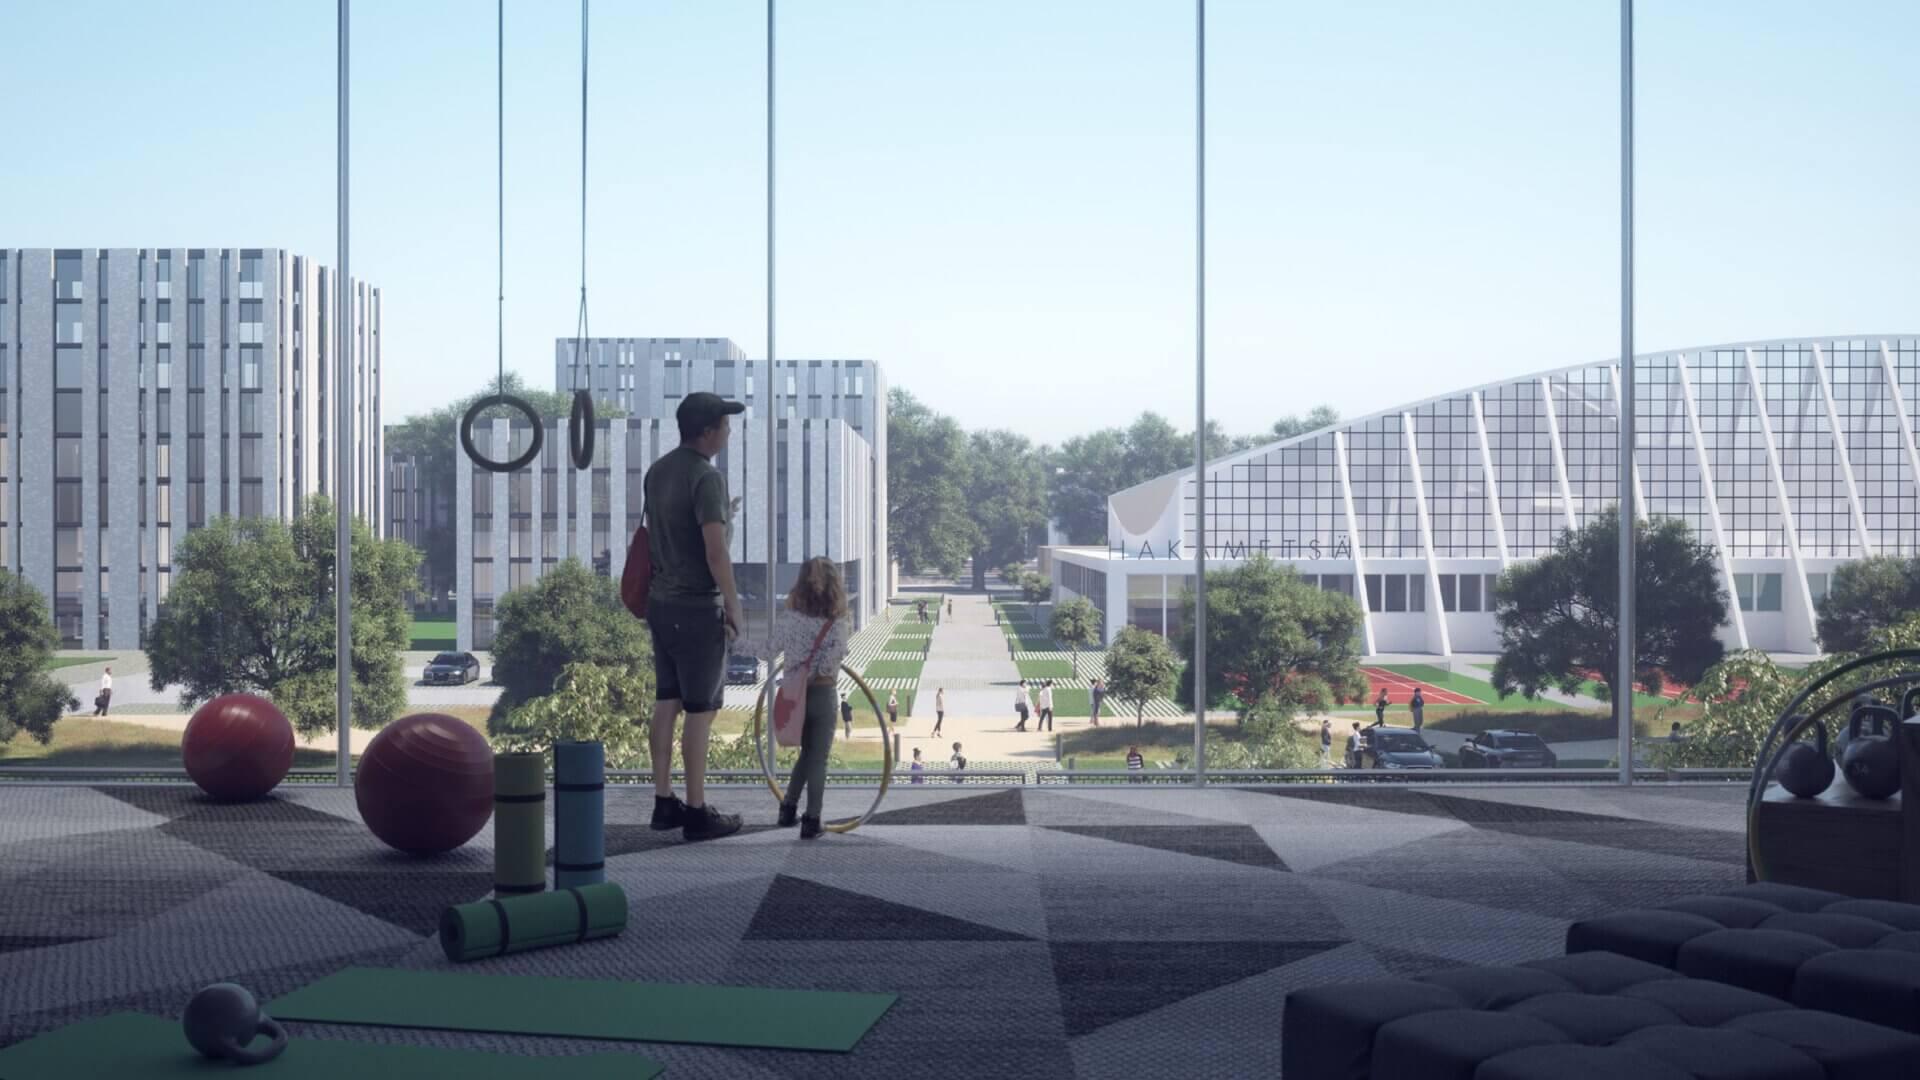 """Meijou osallistui Tampereen kaupungin järjestämään Hakametsän suunnittelukilpailuun, tuloksena palkintosijoille yltänyt """"Hakametsä Sport Campus -konsepti"""""""